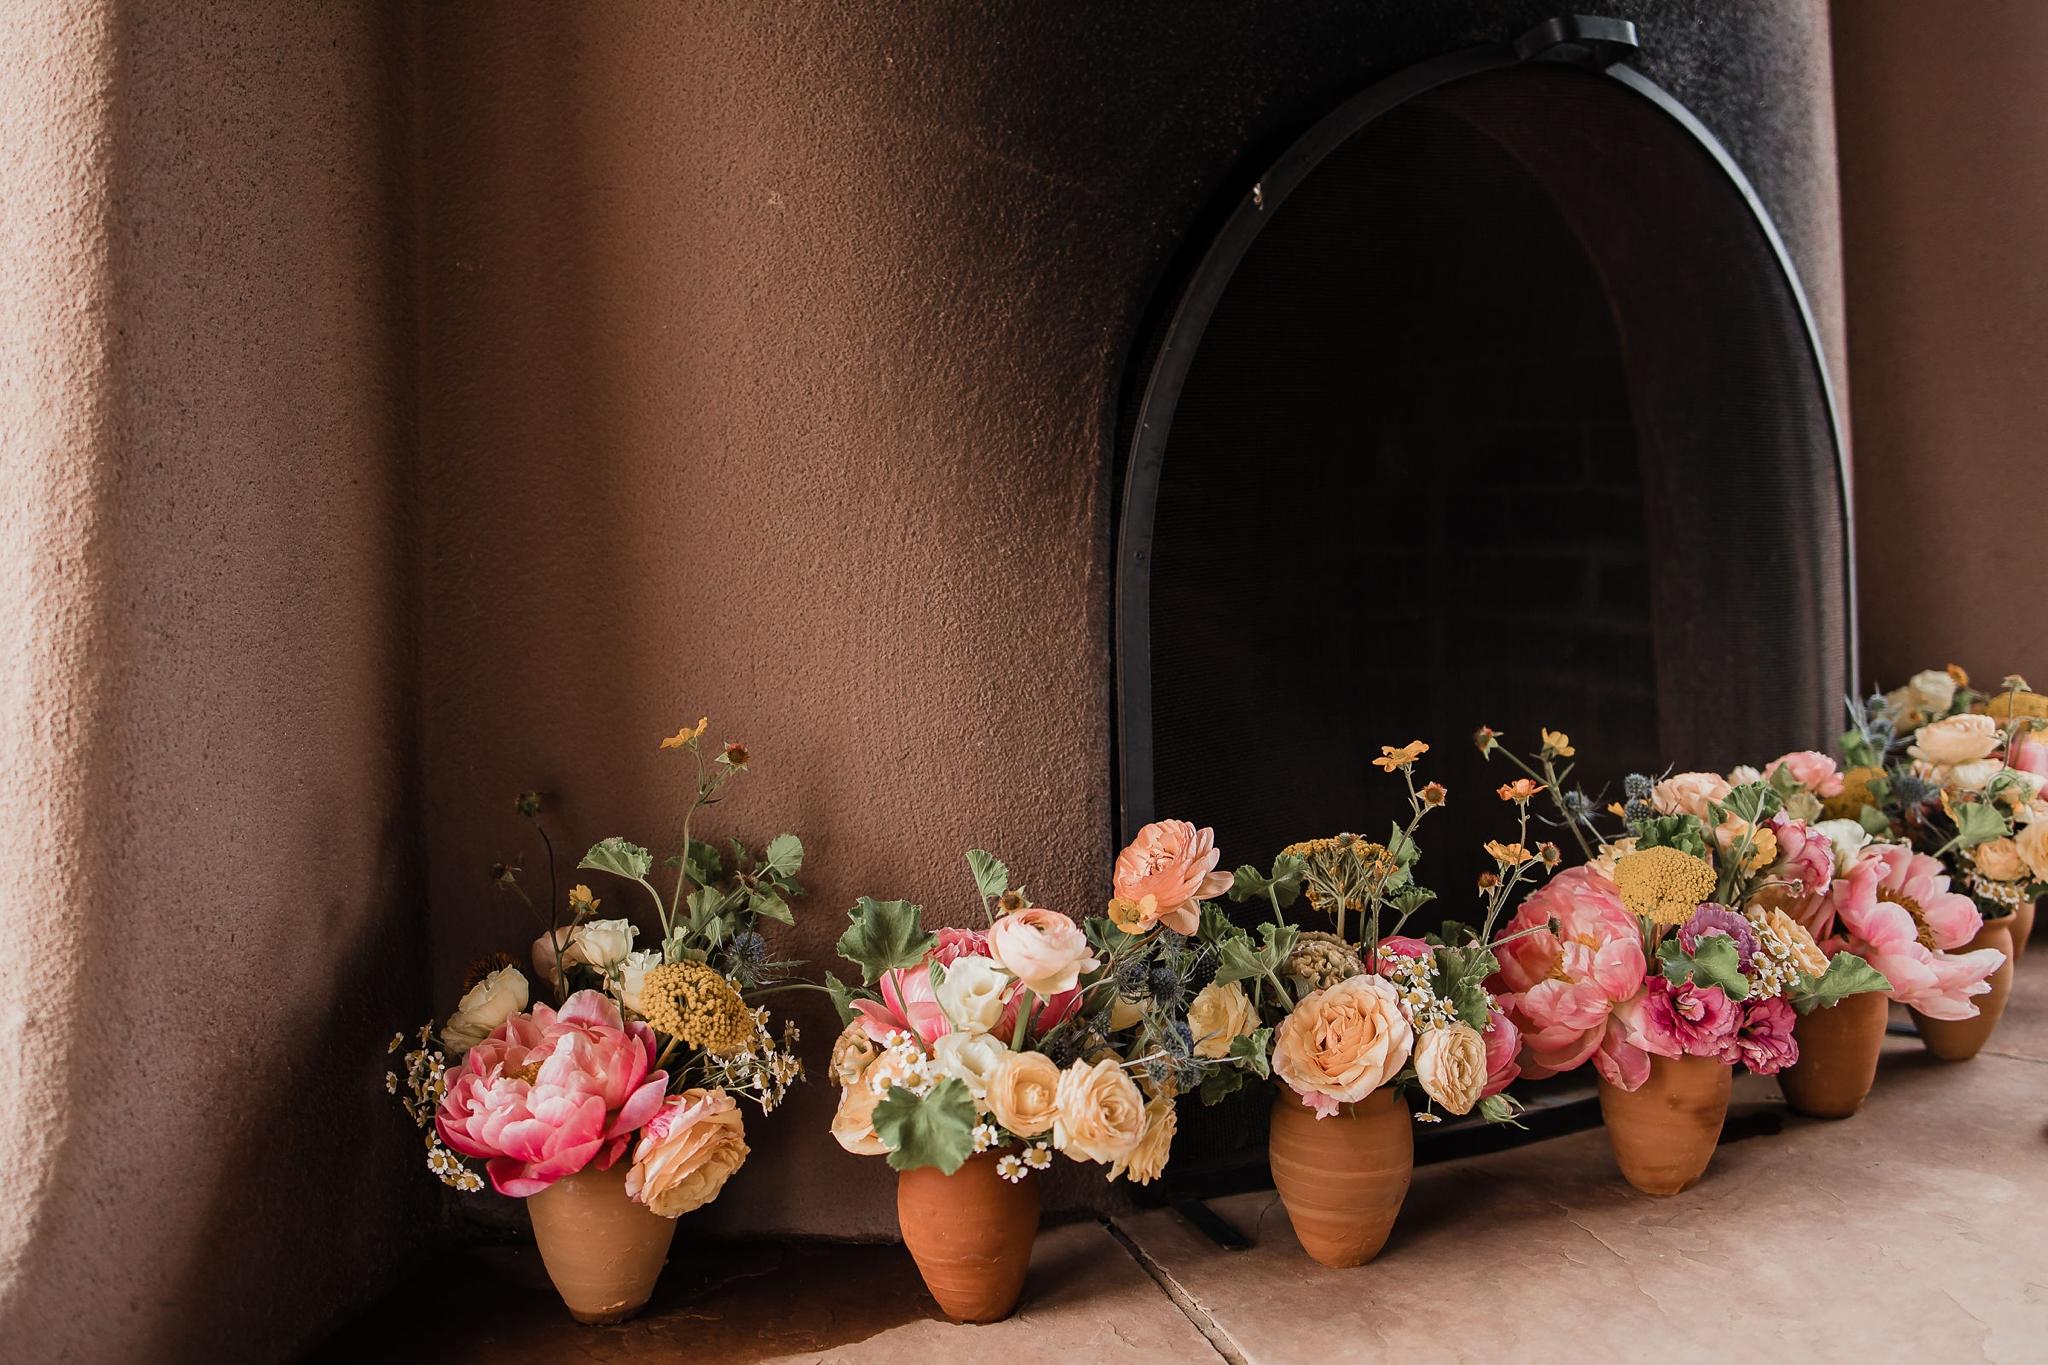 Alicia+lucia+photography+-+albuquerque+wedding+photographer+-+santa+fe+wedding+photography+-+new+mexico+wedding+photographer+-+new+mexico+wedding+-+summer+wedding+-+summer+wedding+florals+-+southwest+wedding_0075.jpg